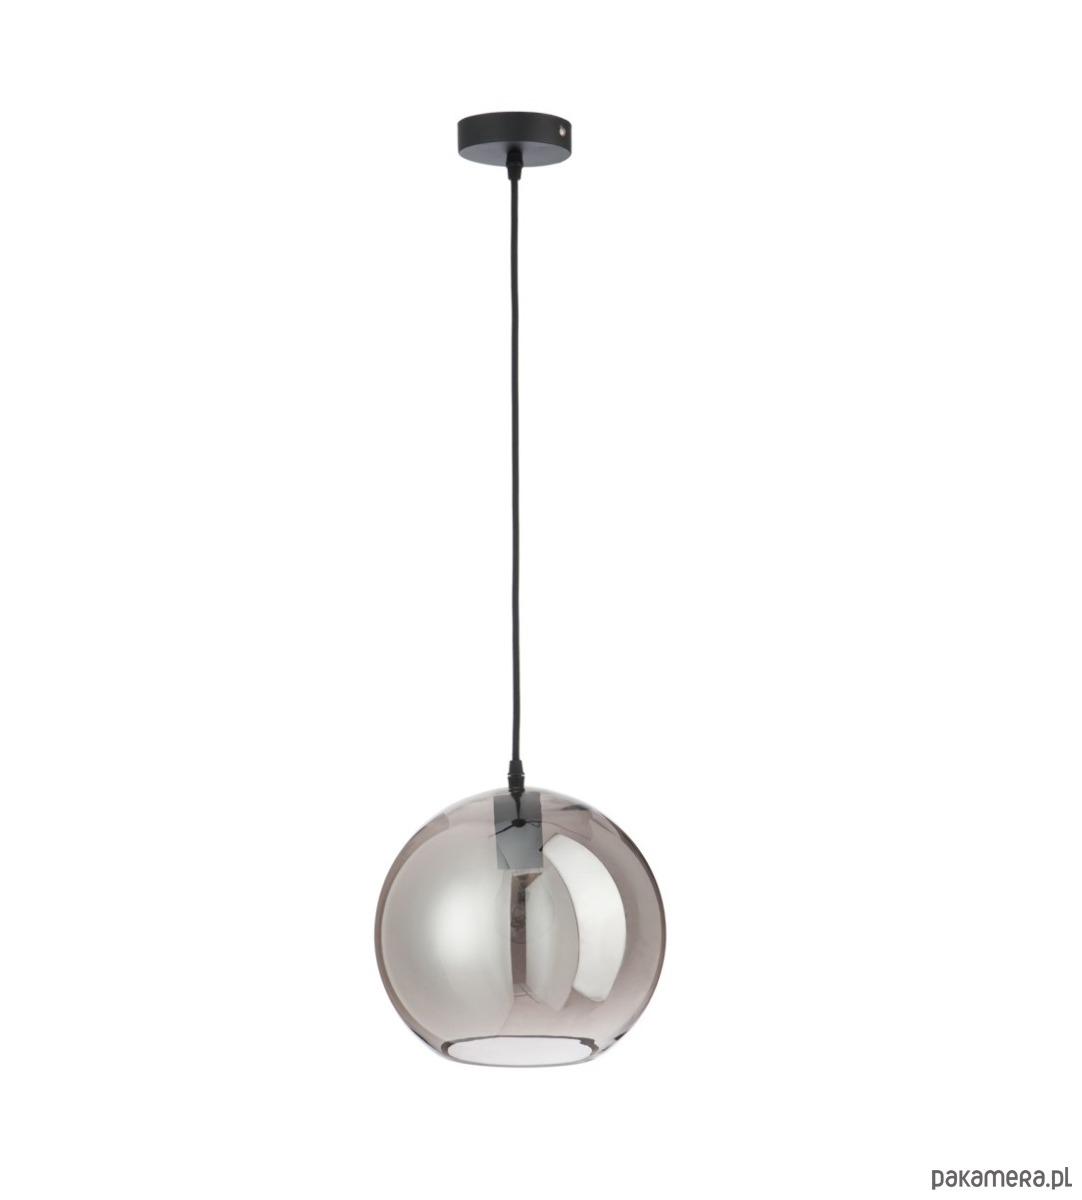 Lampa wisząca Ball, szklany klosz, 210x25x25 cm